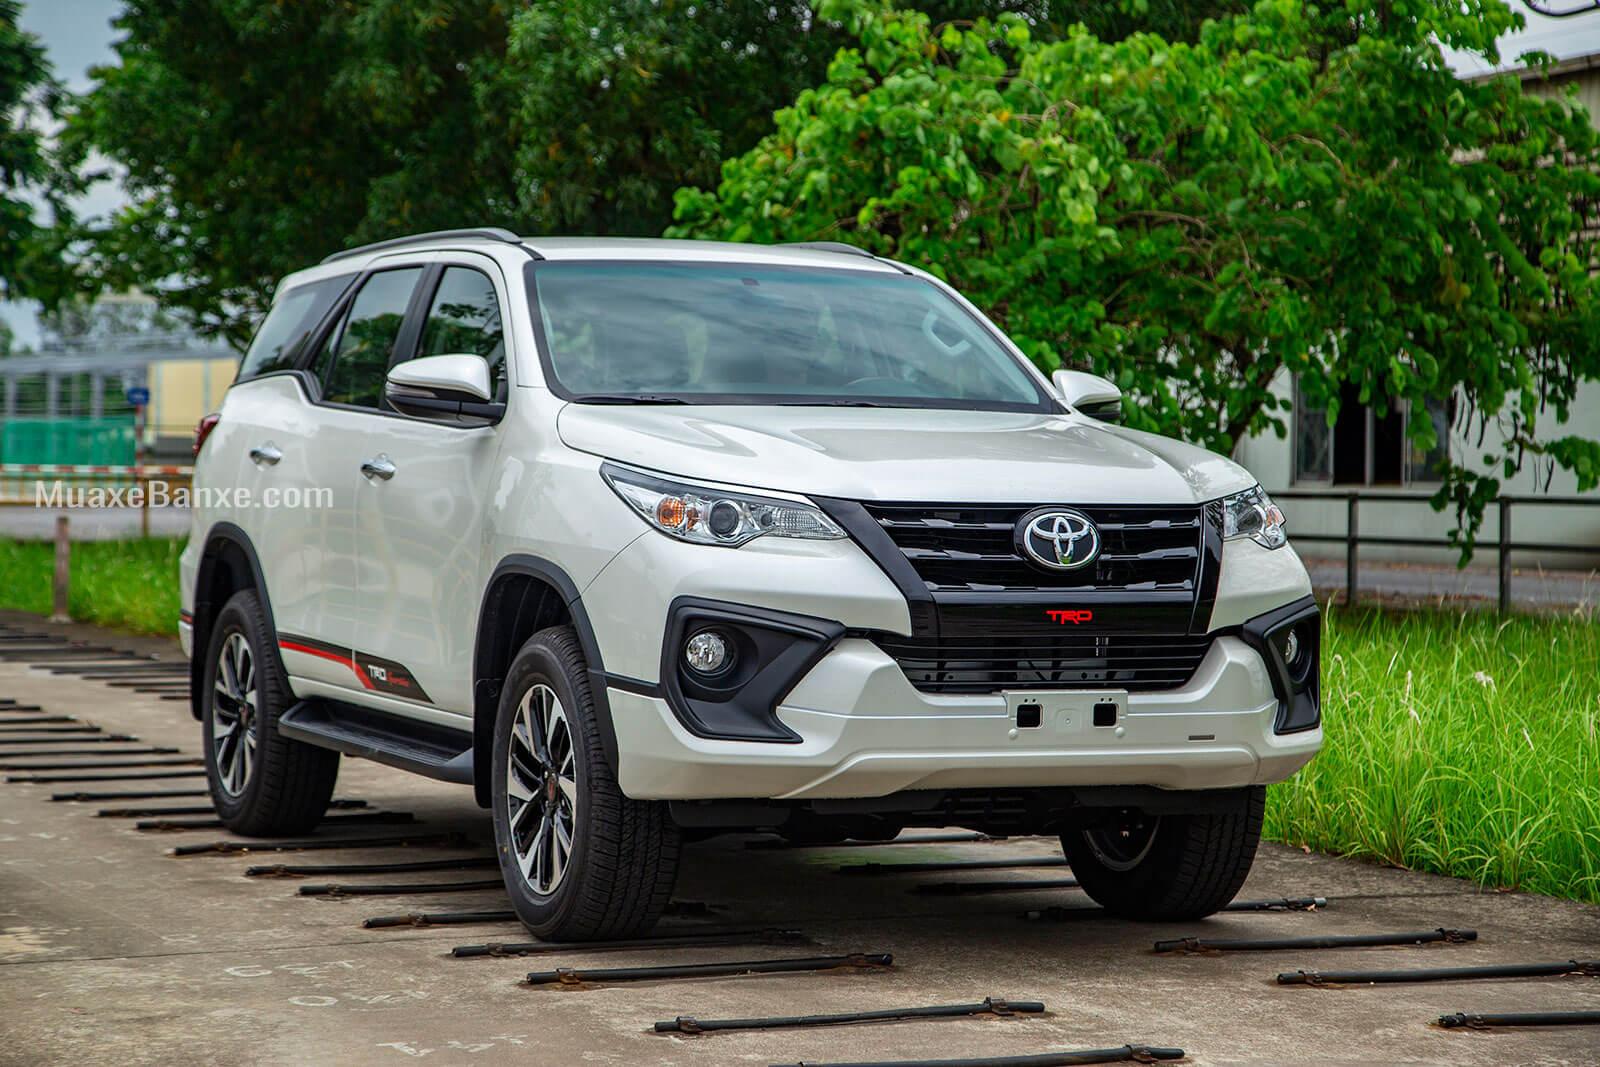 Toyota Fortuner 2020 lắp ráp trong nước sẽ bán ra từ tháng 7 năm 2019